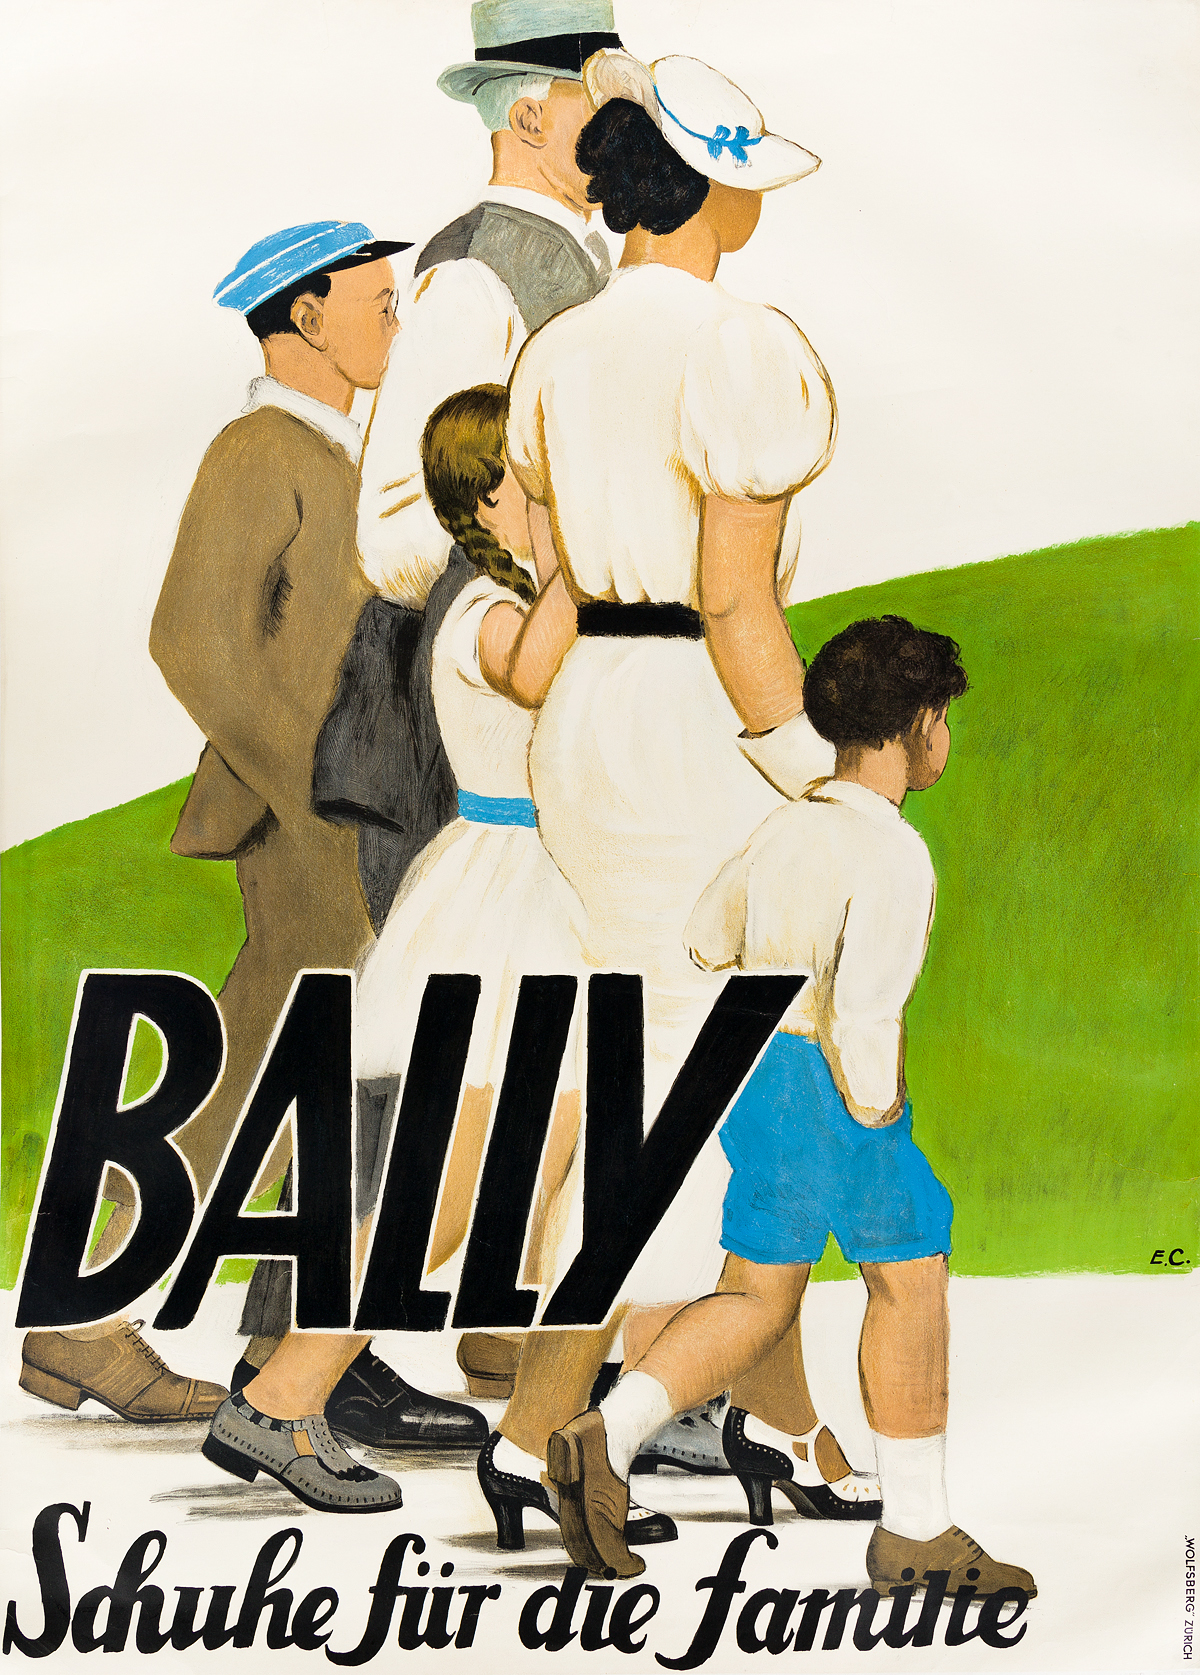 EMIL-CARDINAUX-(1877-1936)-BALLY--SCHUHE-FÜR-DIE-FAMILIE-1935-49x35-inches-126x90-cm-Wolfsberg-Zurich